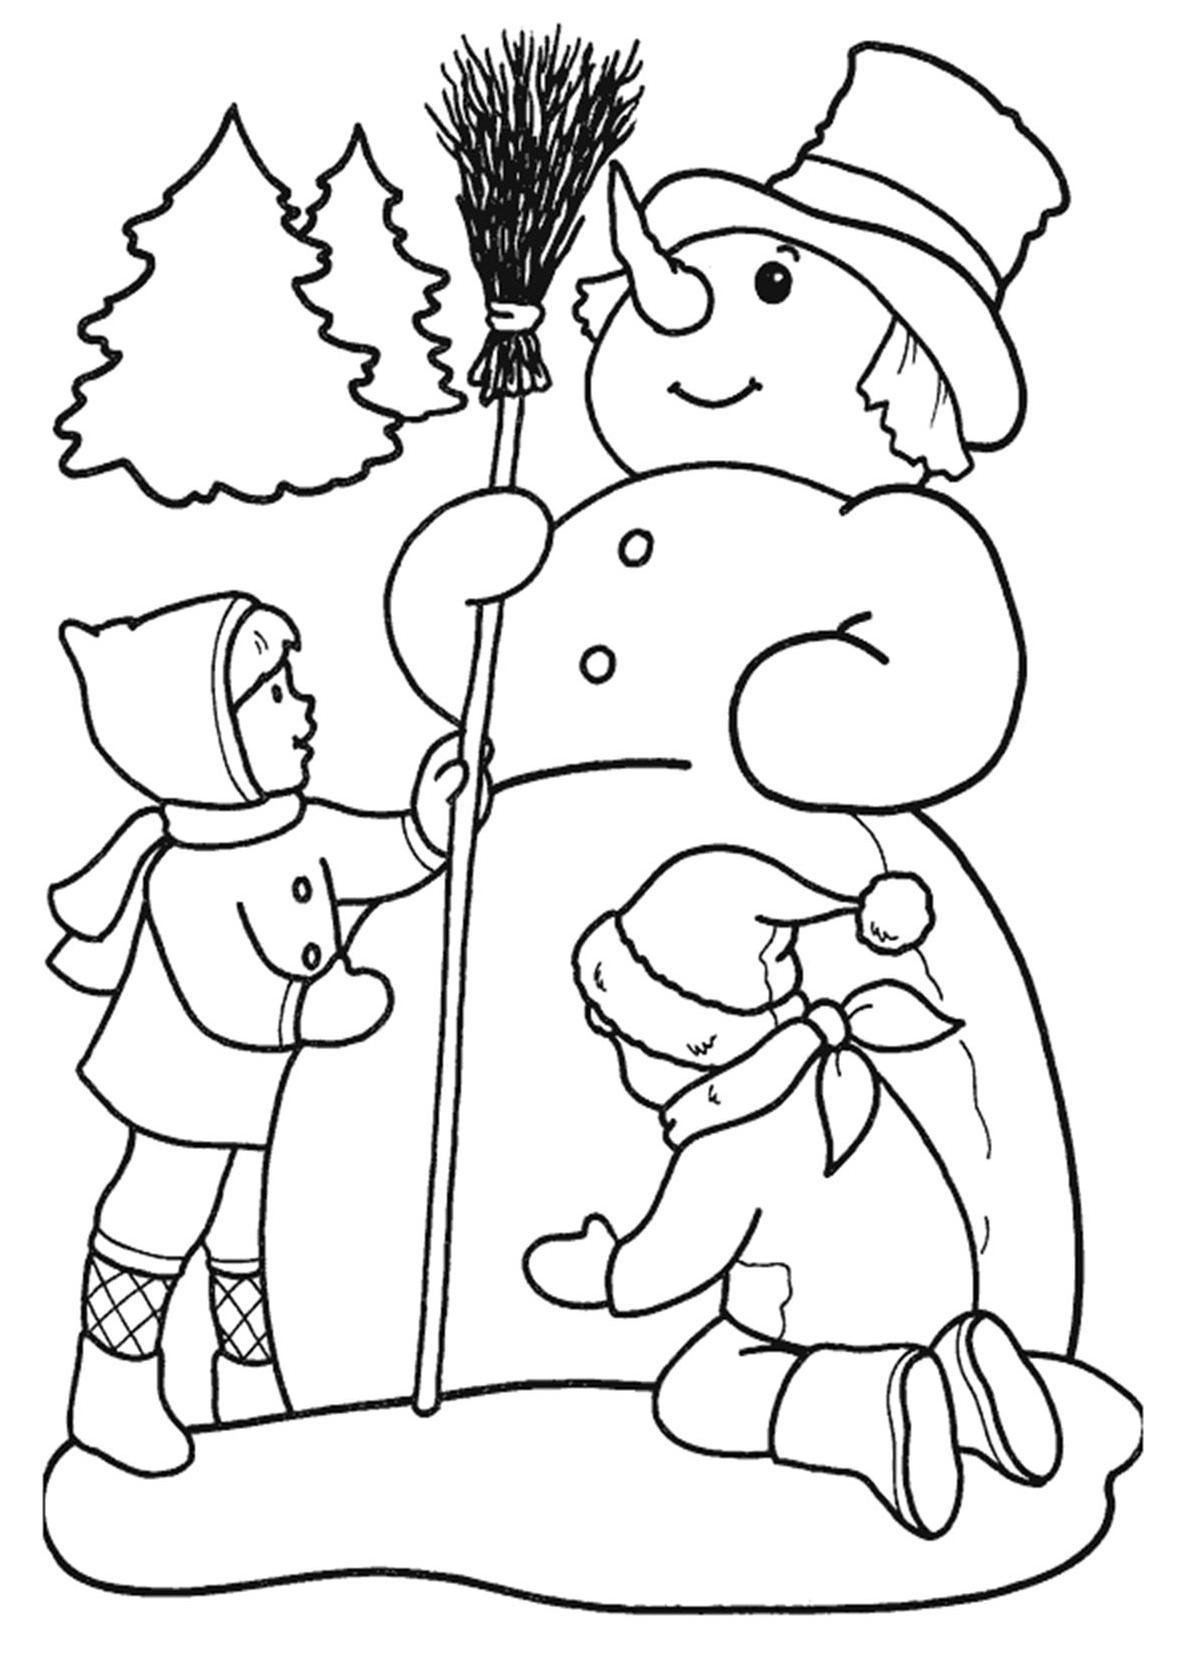 Картинка на Новый Год для распечатки и вырезания